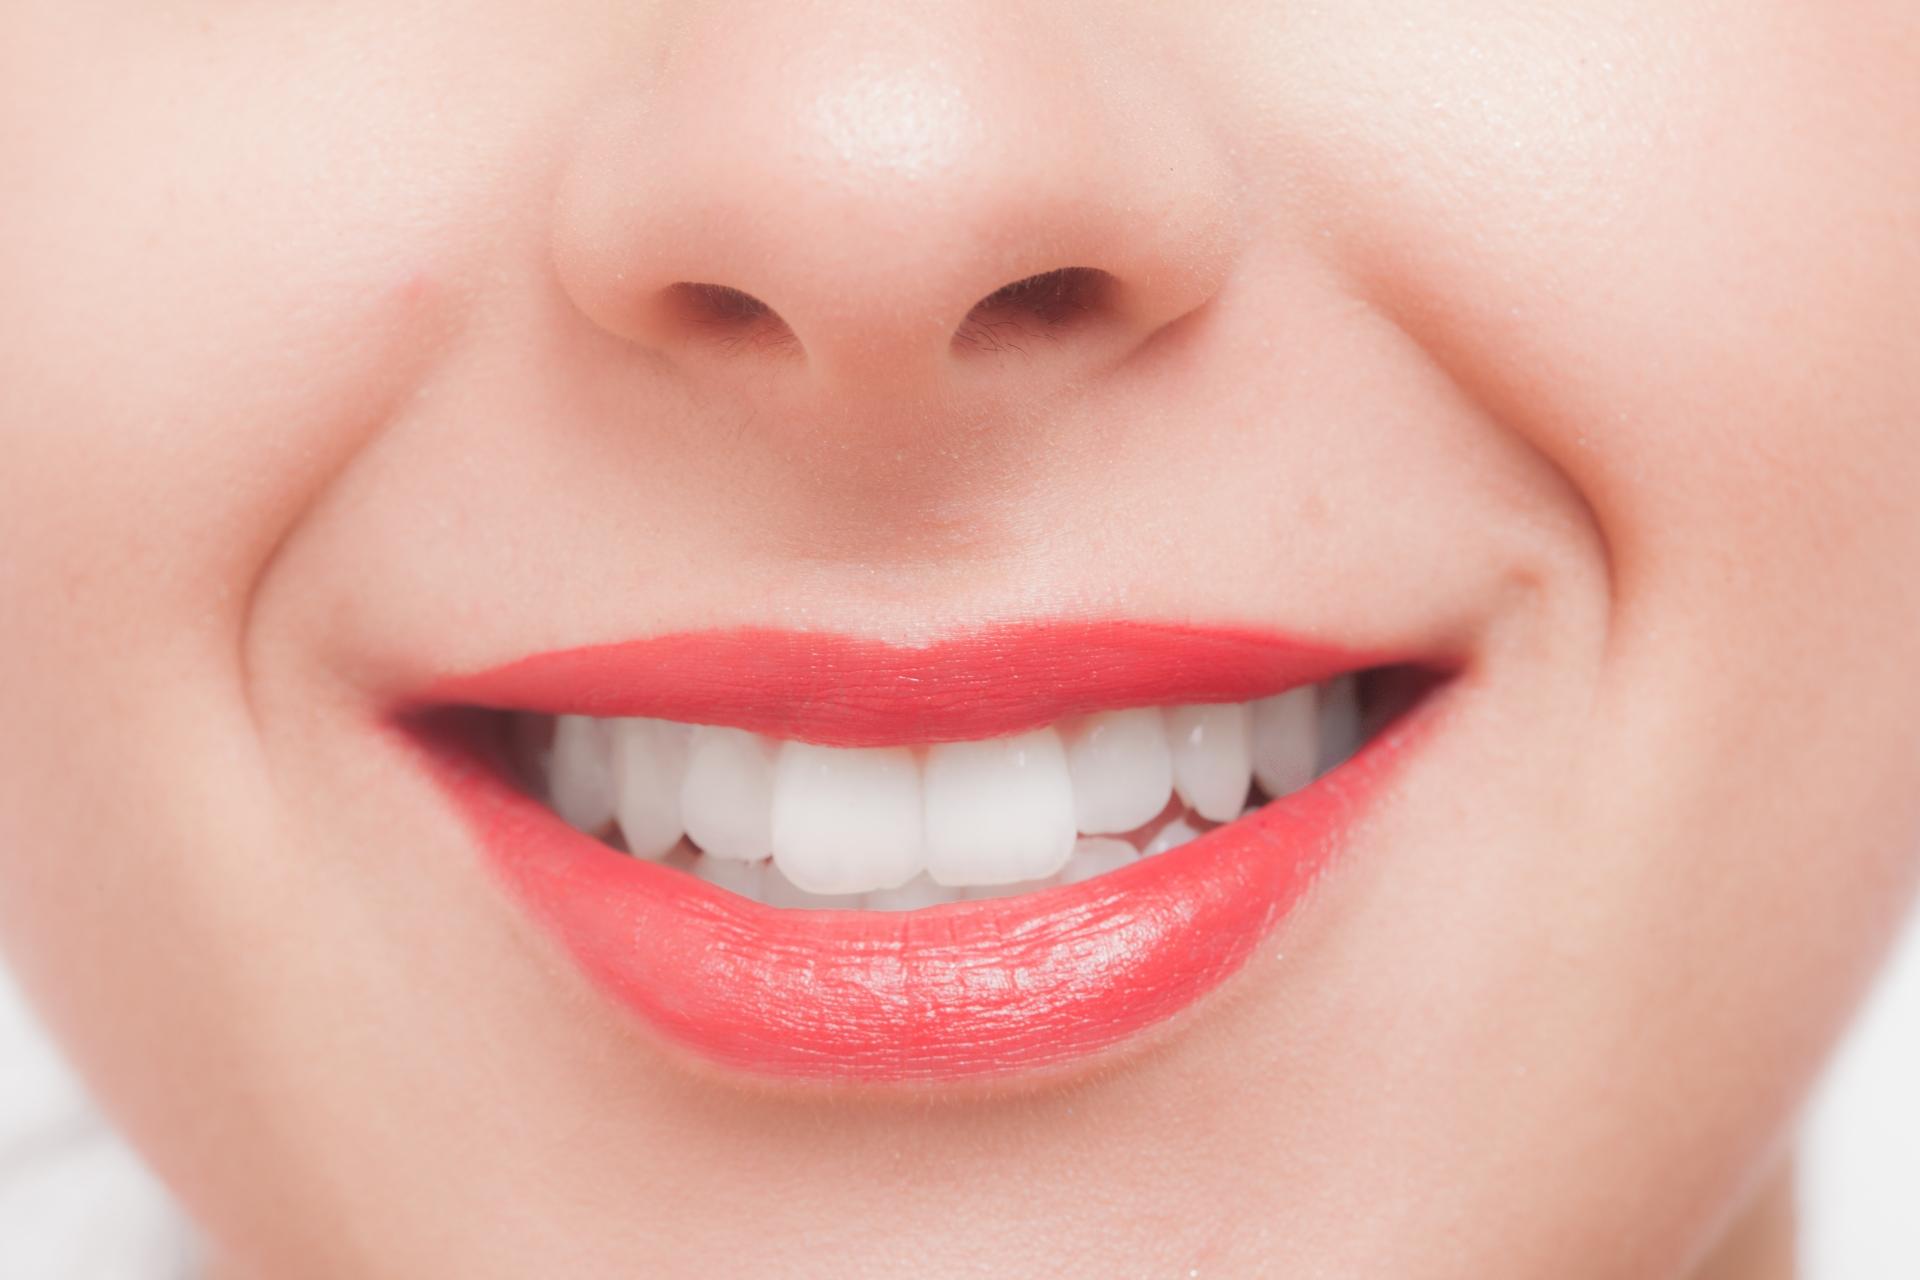 デュアルホワイトニングでとことん歯を白くする!特徴・デメリットを徹底解説!